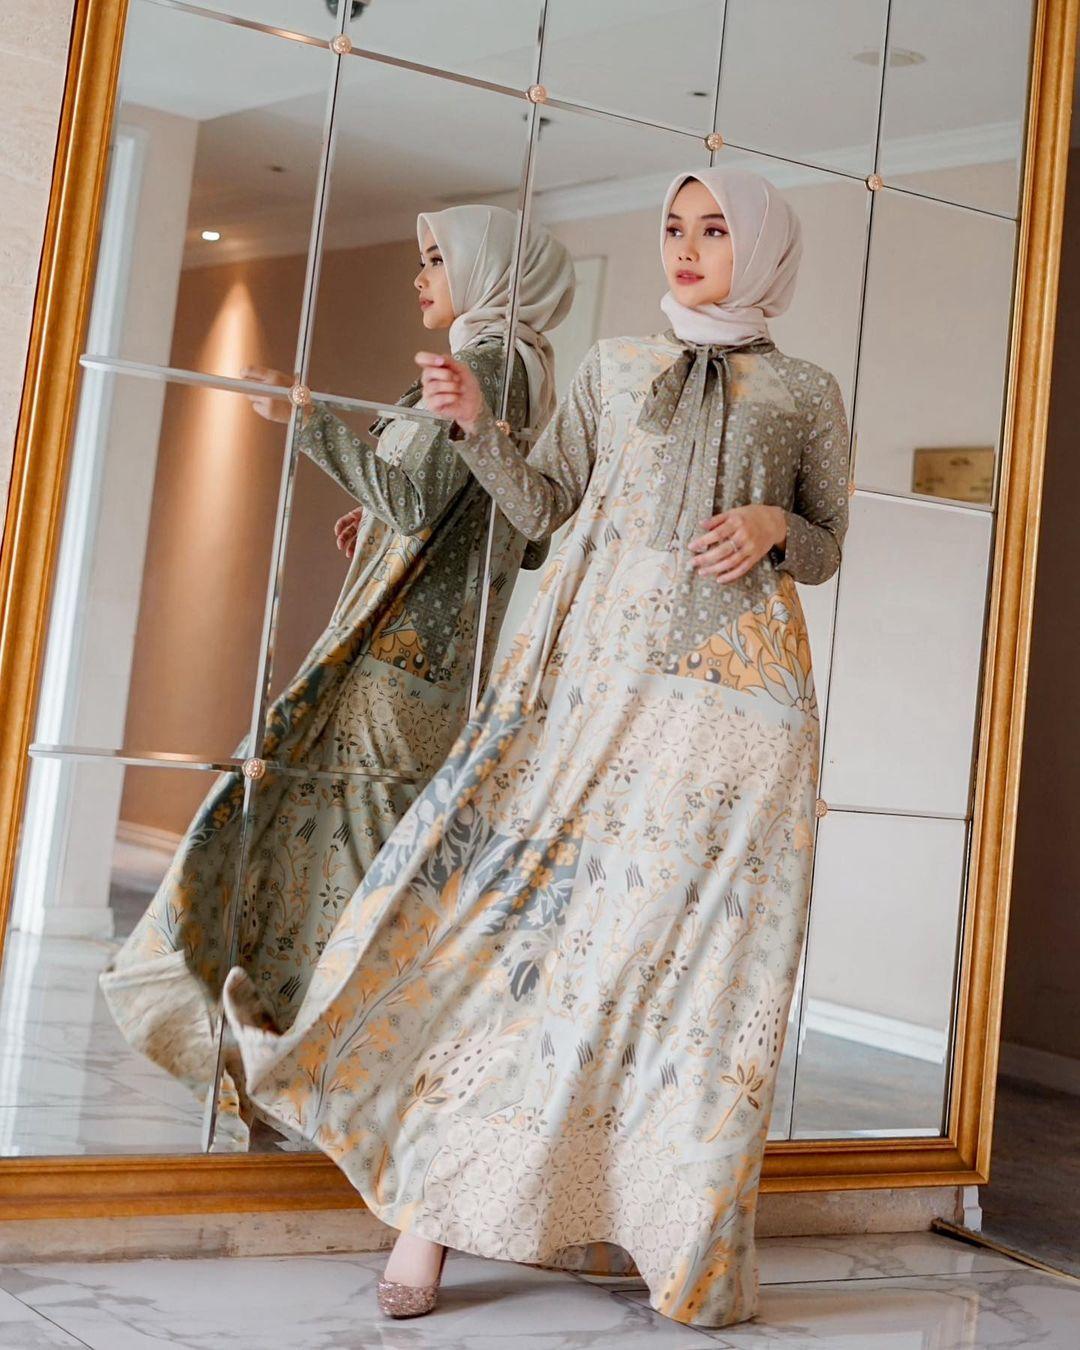 Inspirasi Model Baju Hijab Kekinian untuk Outfit Lebaran 2021